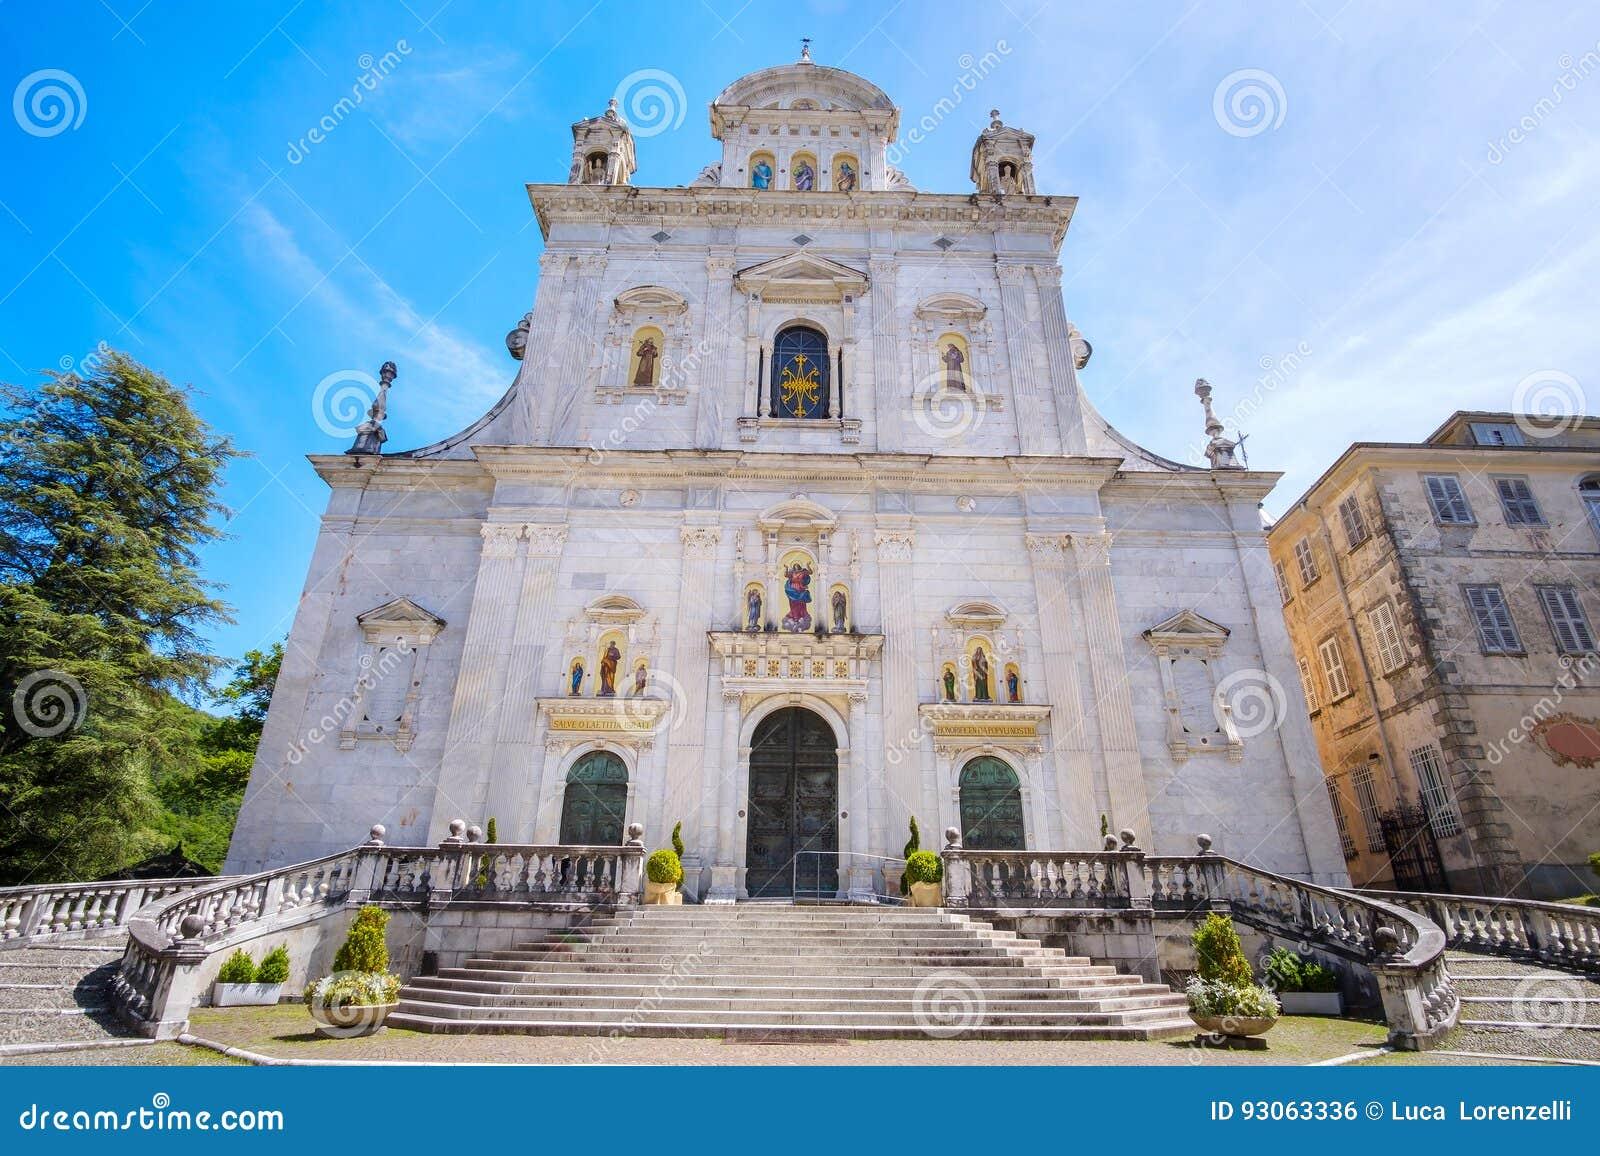 Abbazia di Sacro Monte di Varallo, provincia di Vercelli, Piemonte Italia